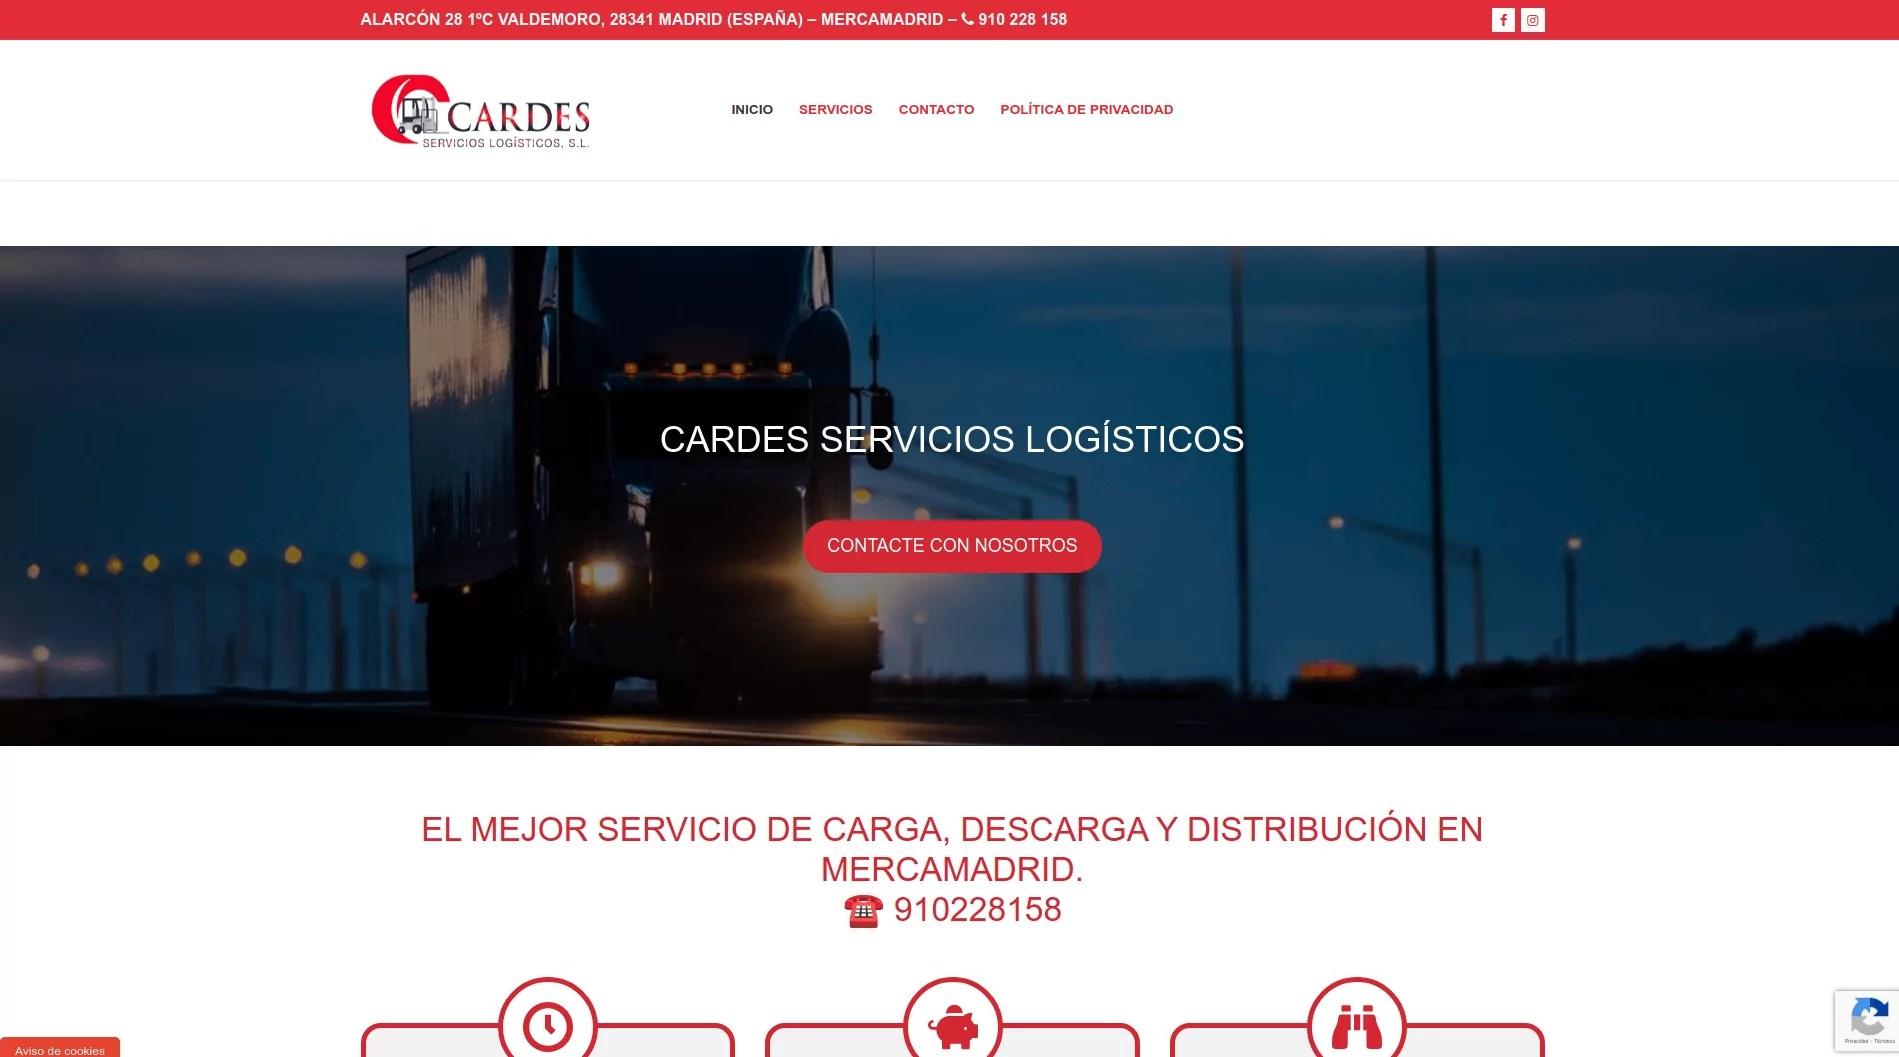 Diseño web en Barajas Madrid - cardes.es